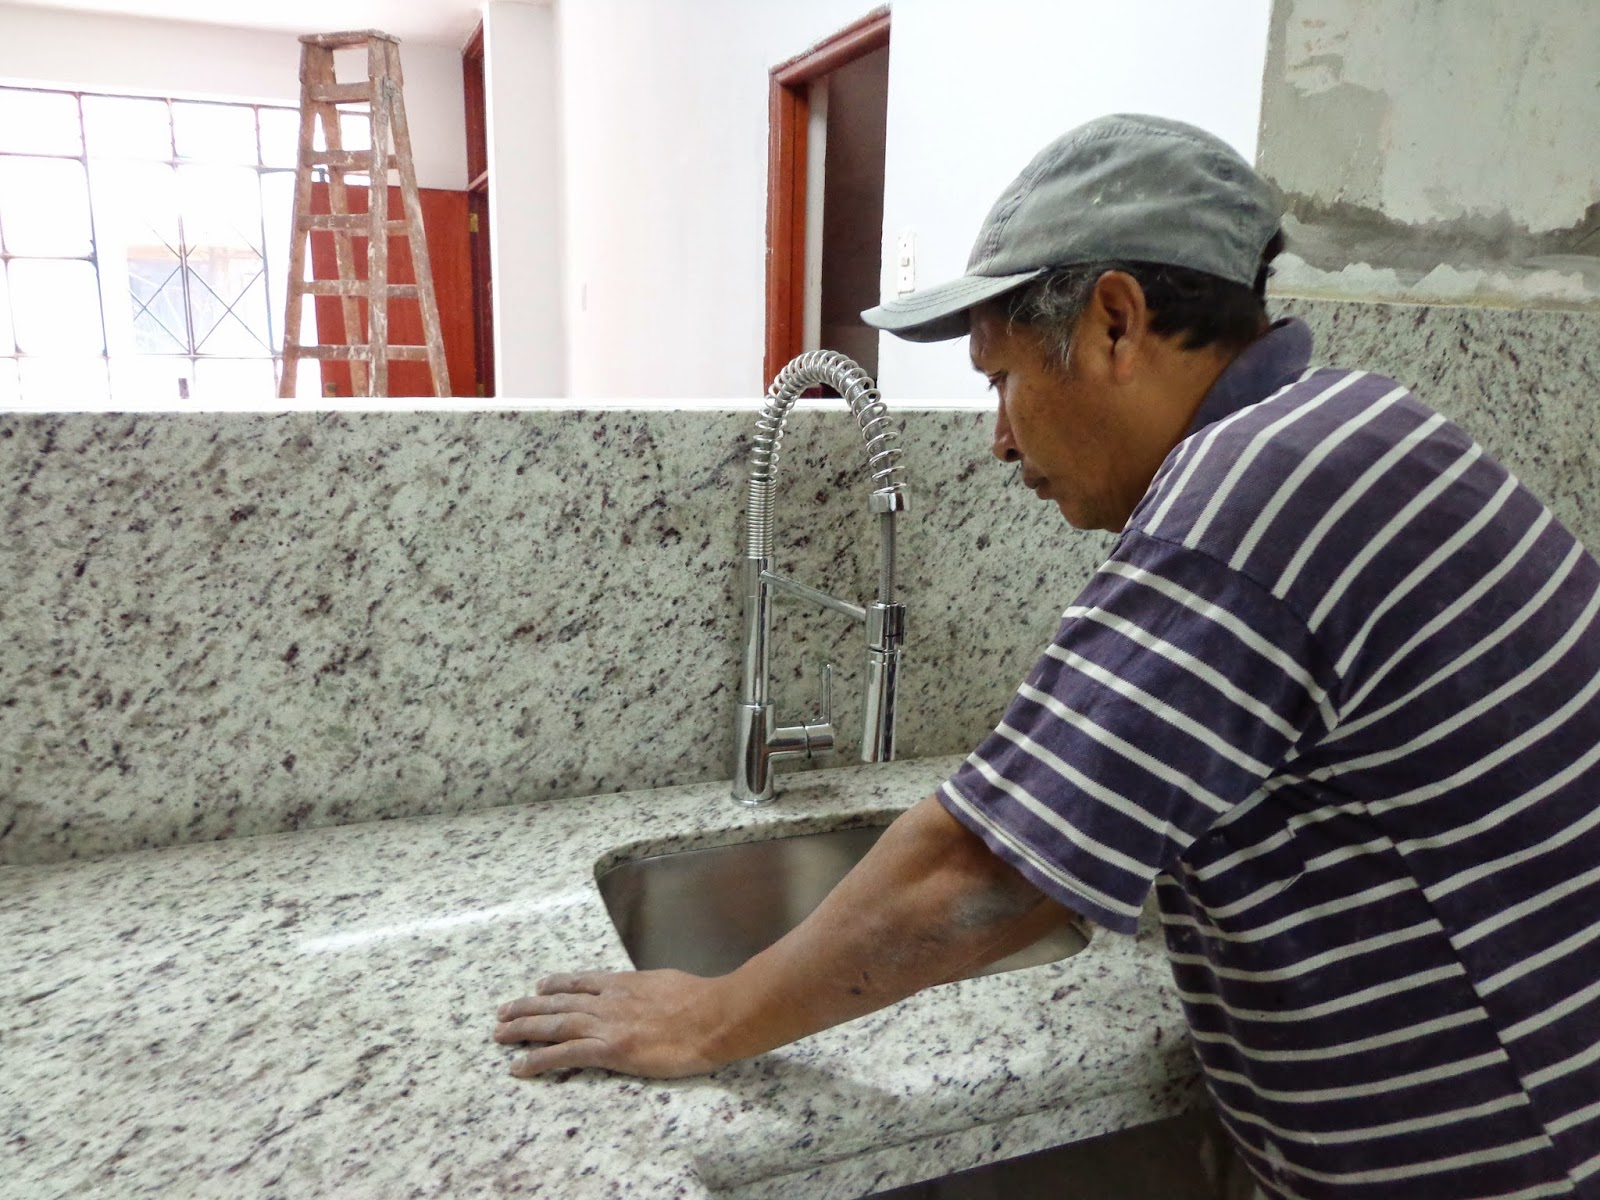 Encimeras mesas tablero cocina granito marmol piedra for Piedra granito para cocina precios